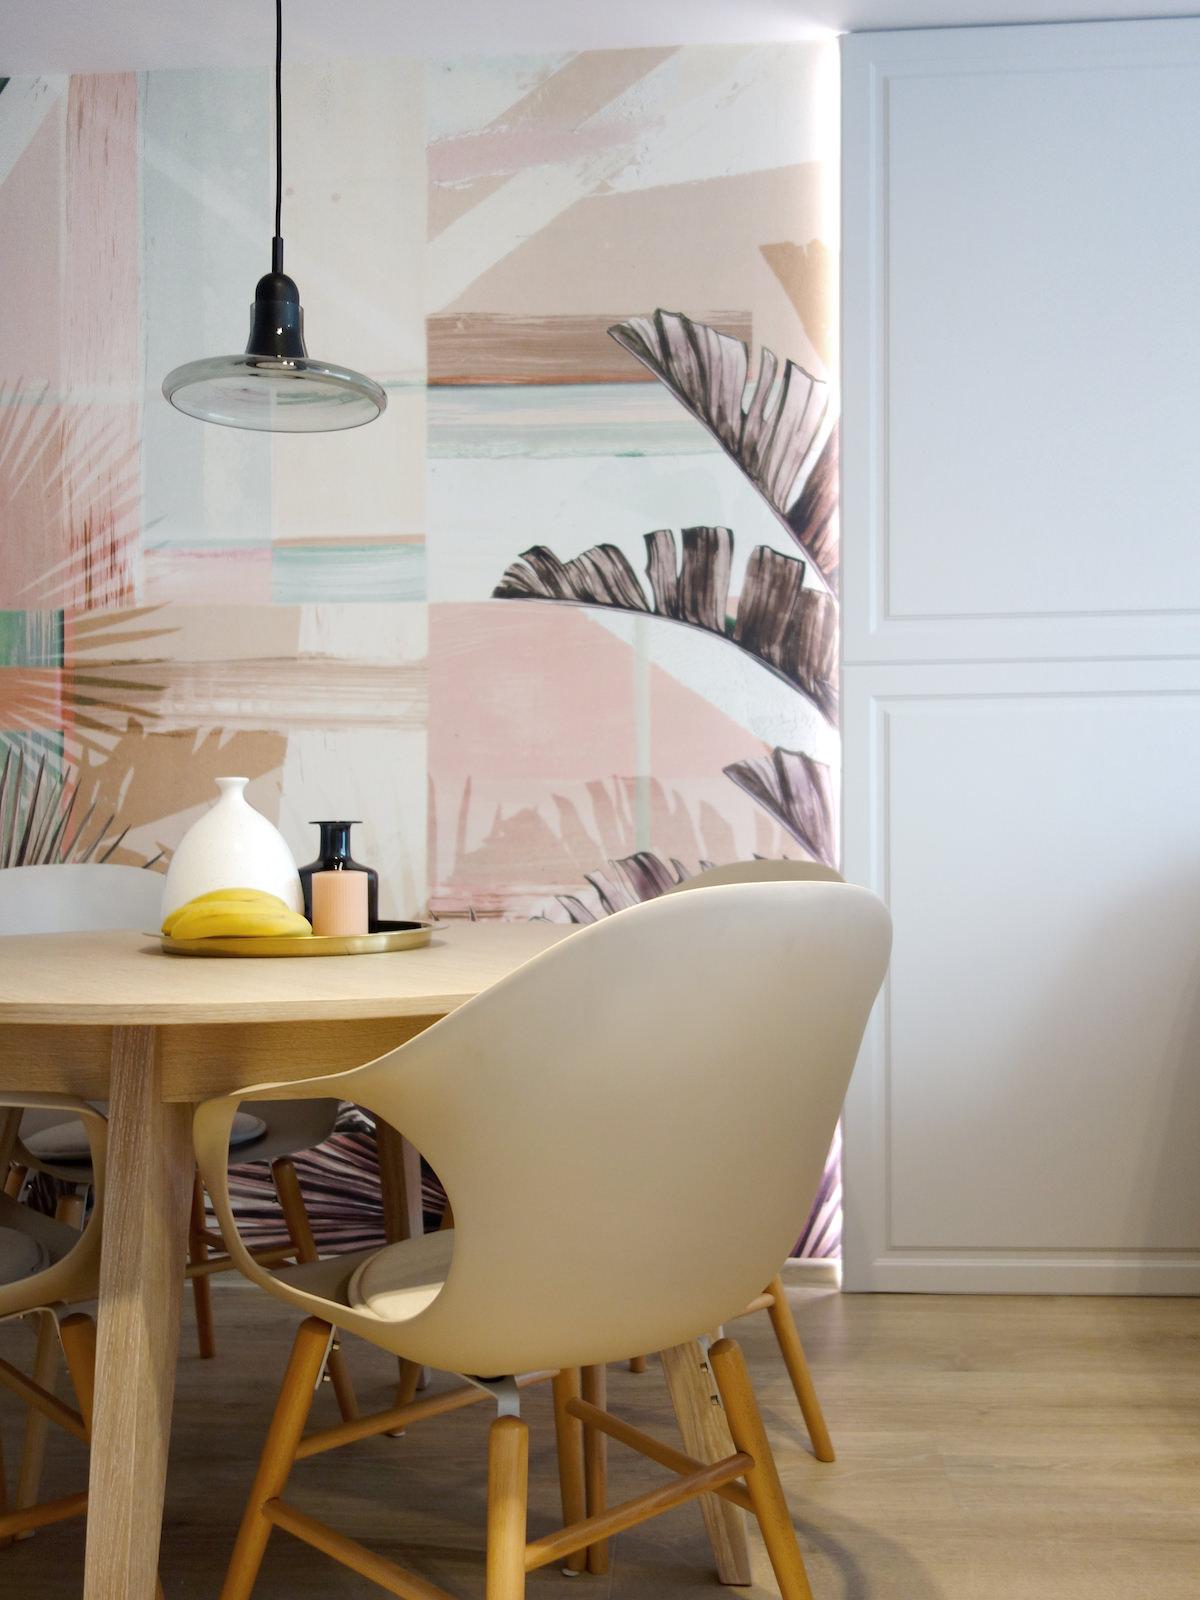 2 architekt wnetrz R078 mieszkanie siemianowice slaskie jadalnia okragly stol tapeta liscie wall deco zabudowa meblowa frezowana